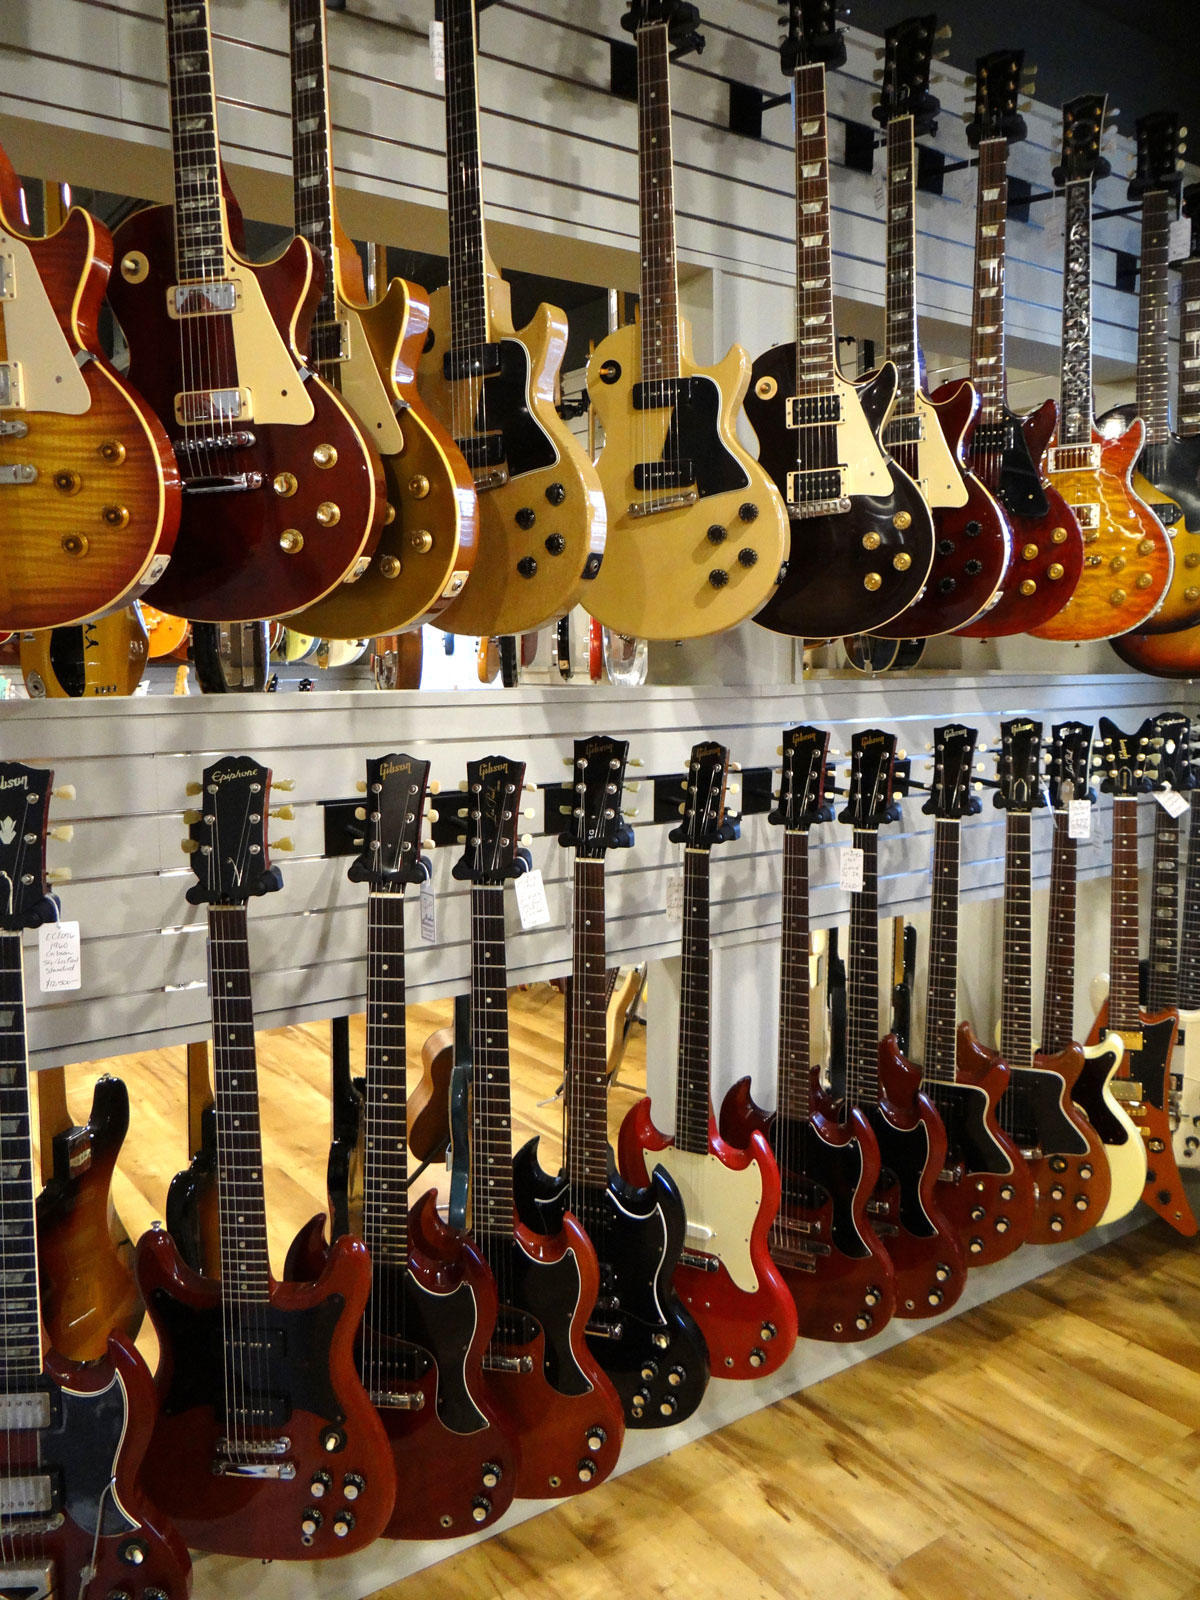 gruhn guitars inc nashville tennessee tn. Black Bedroom Furniture Sets. Home Design Ideas